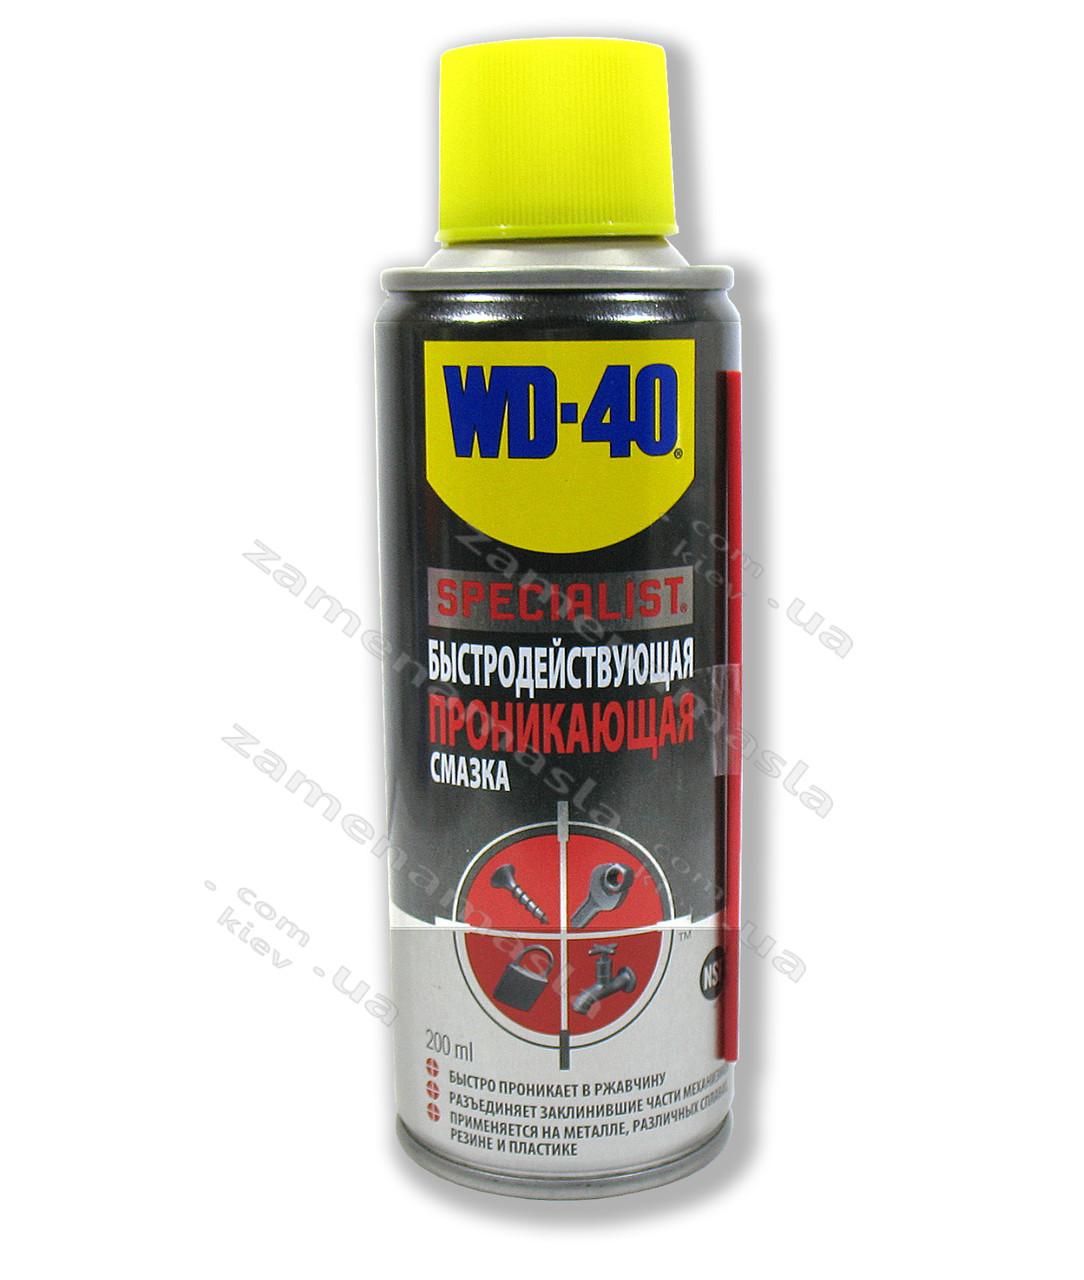 WD-40 specialist - быстродейсвующая проникающая